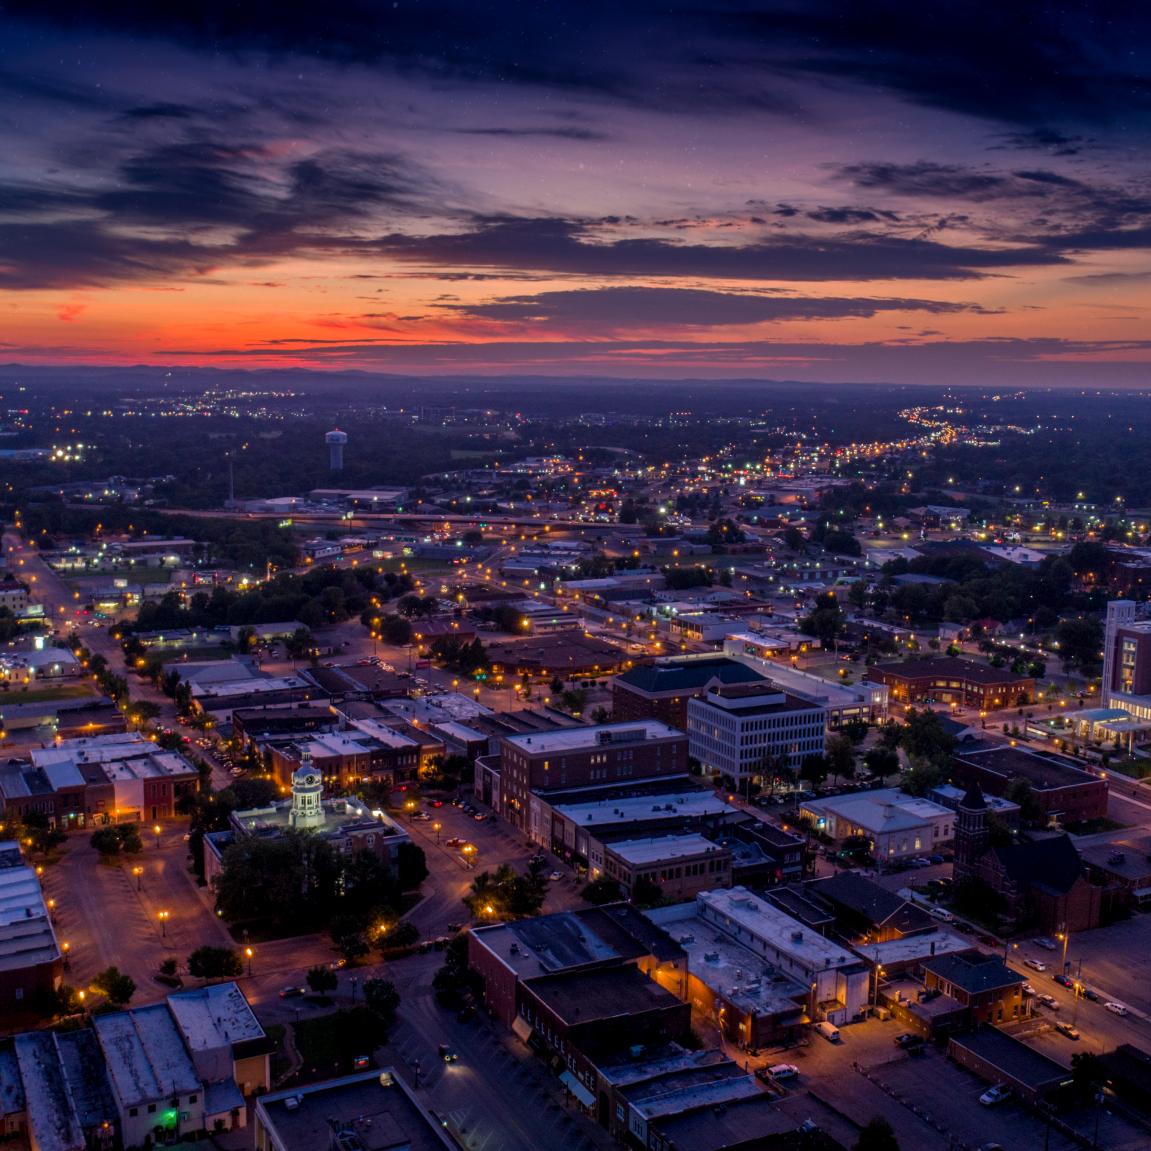 Murfreesboro Aerial Night Sky